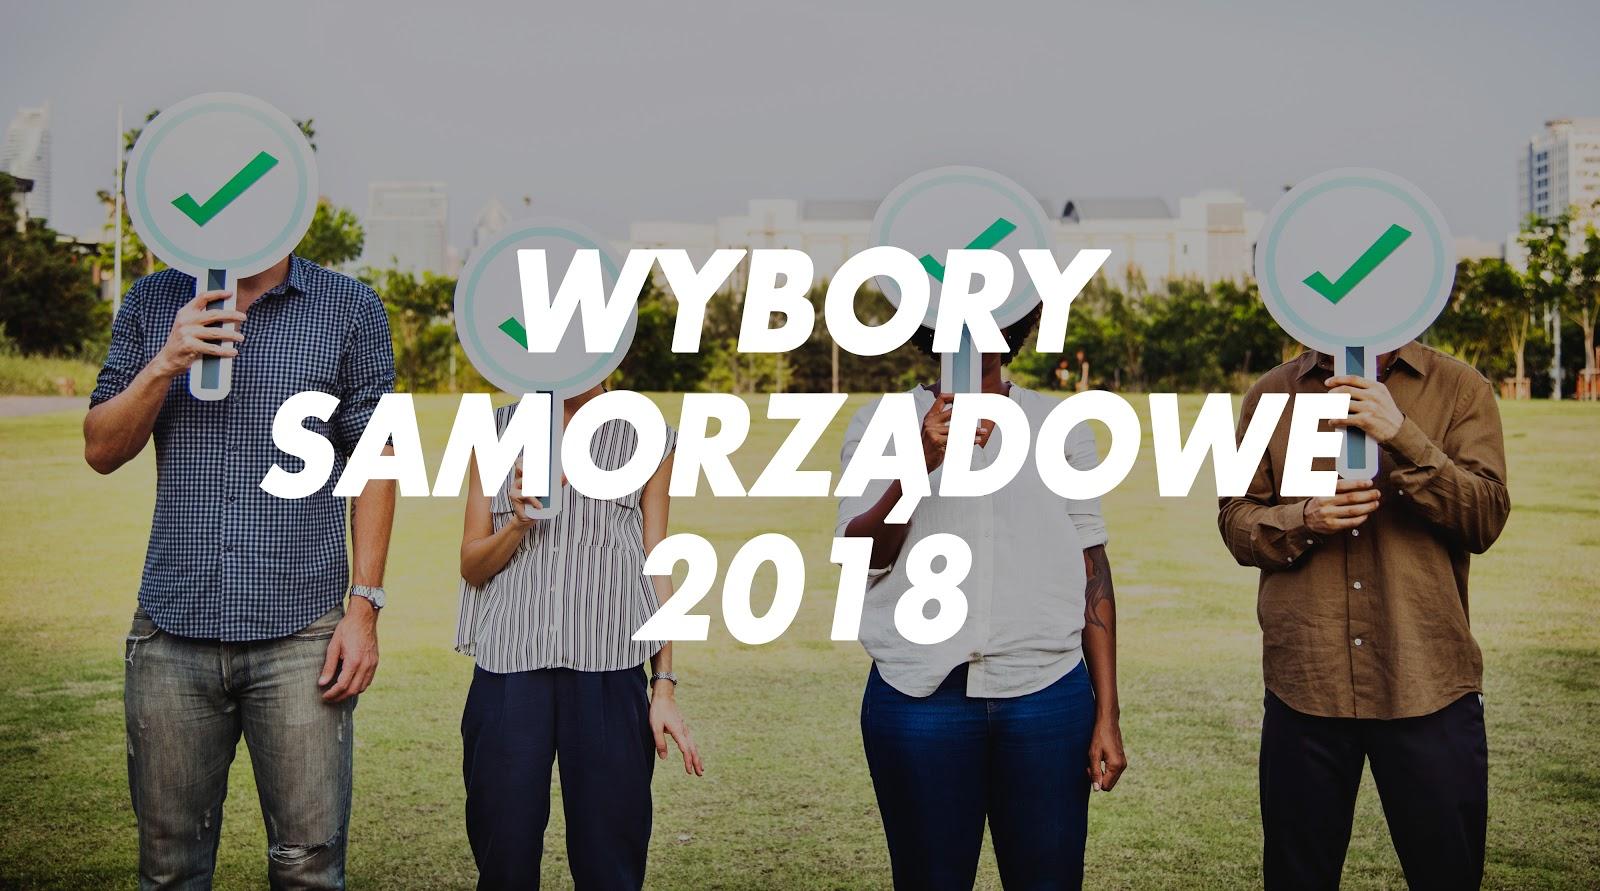 Wybory samorządowe 2018 - wtf?